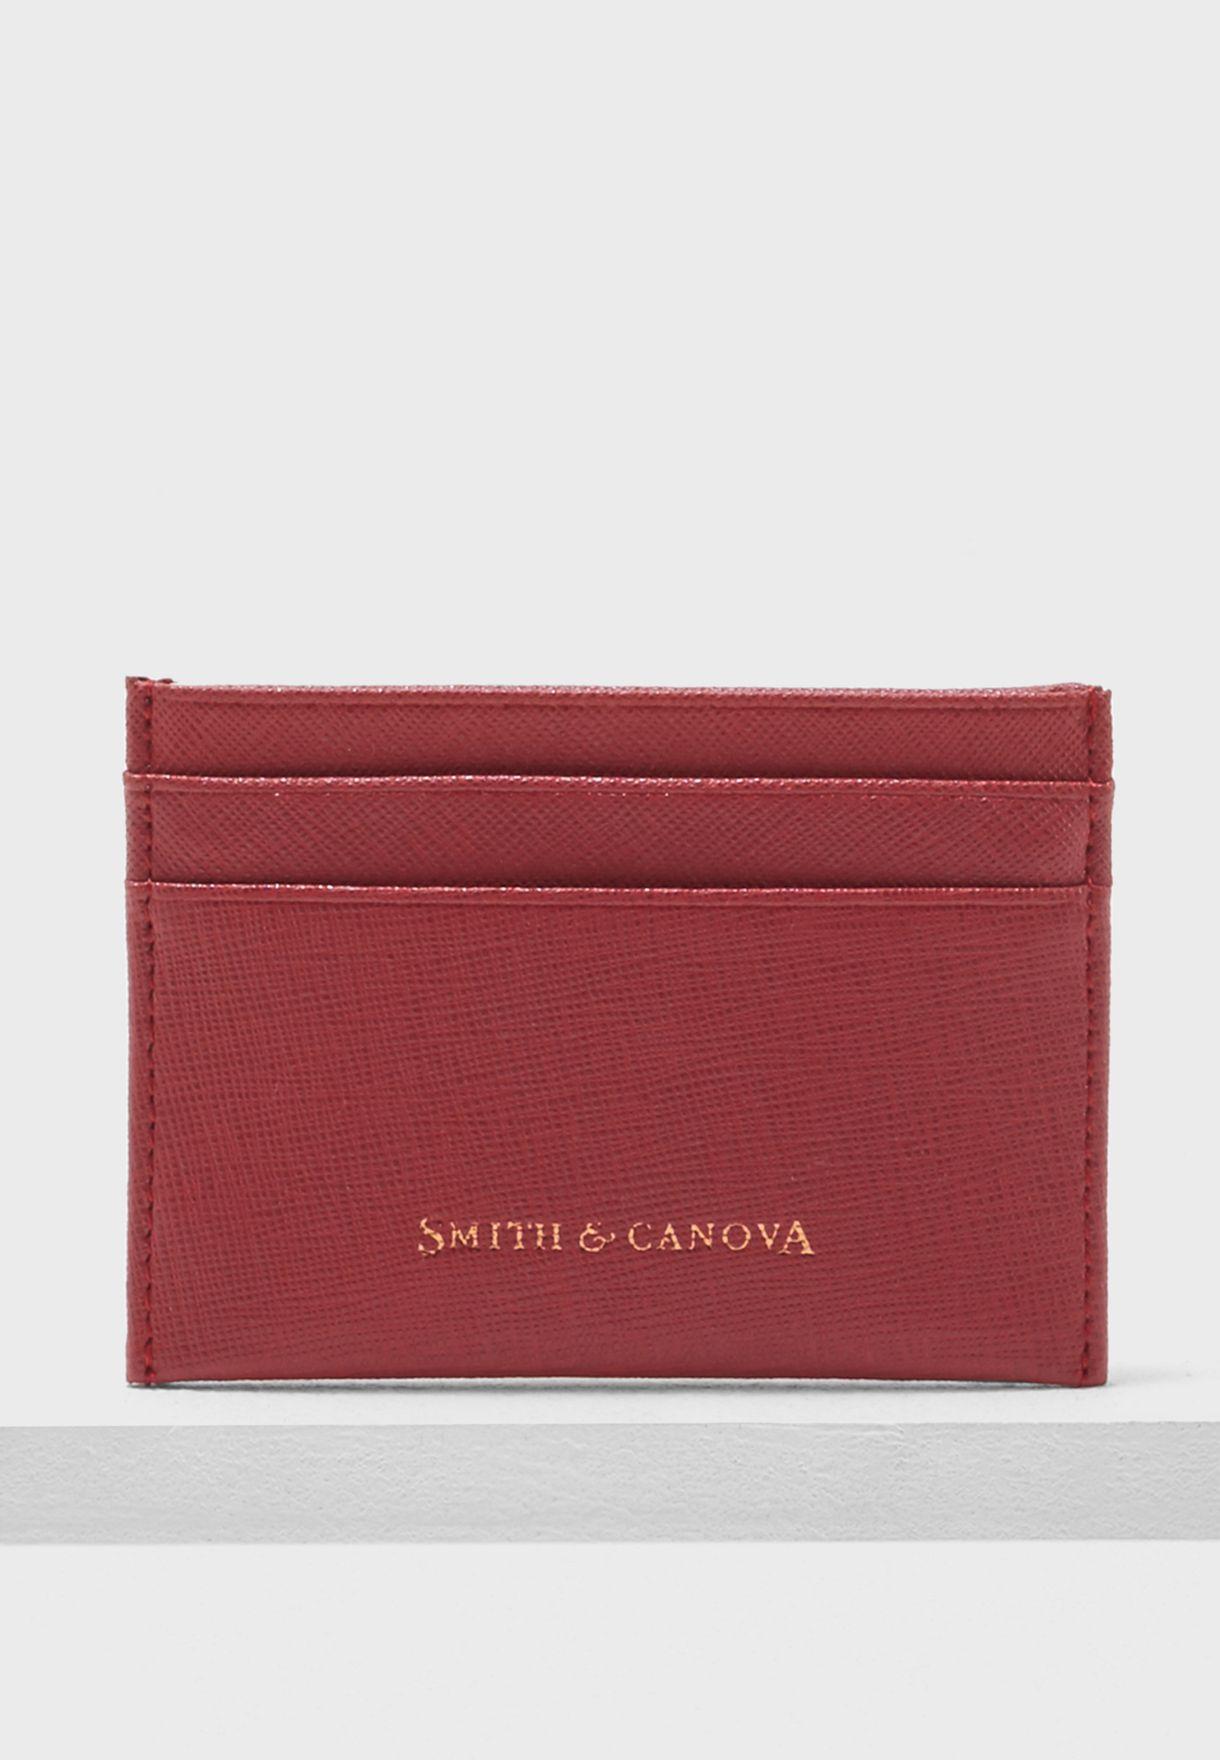 e32dadc2153a Shop smith   canova red Saff Cc Slot Wallet SM01 for Men in Saudi ...